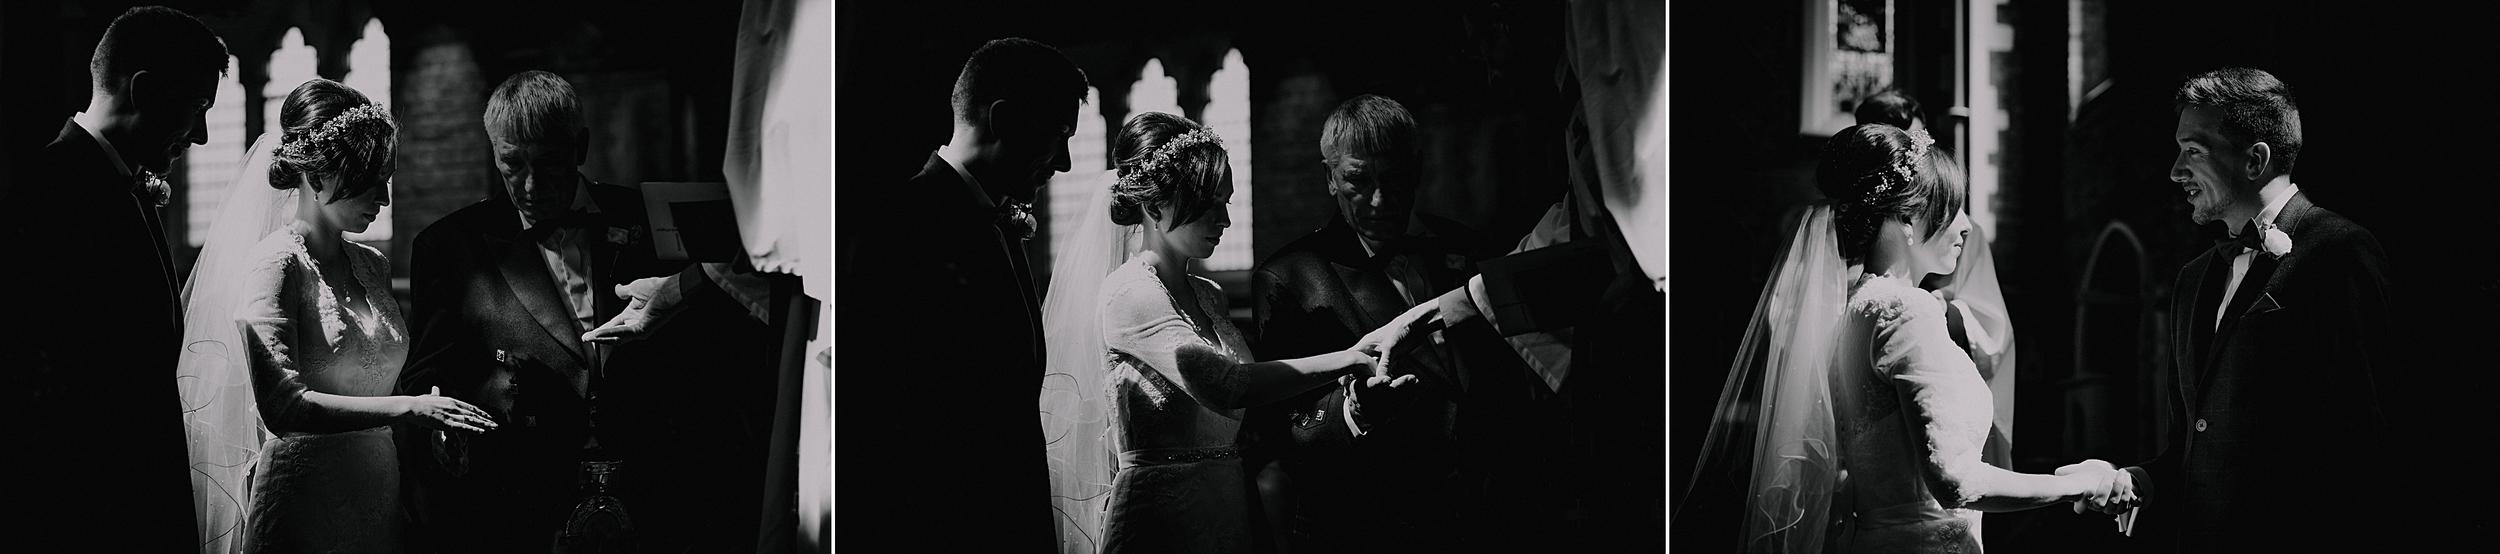 Ben & Sarah Clube - Final Wedding Album (123 of 390).jpg